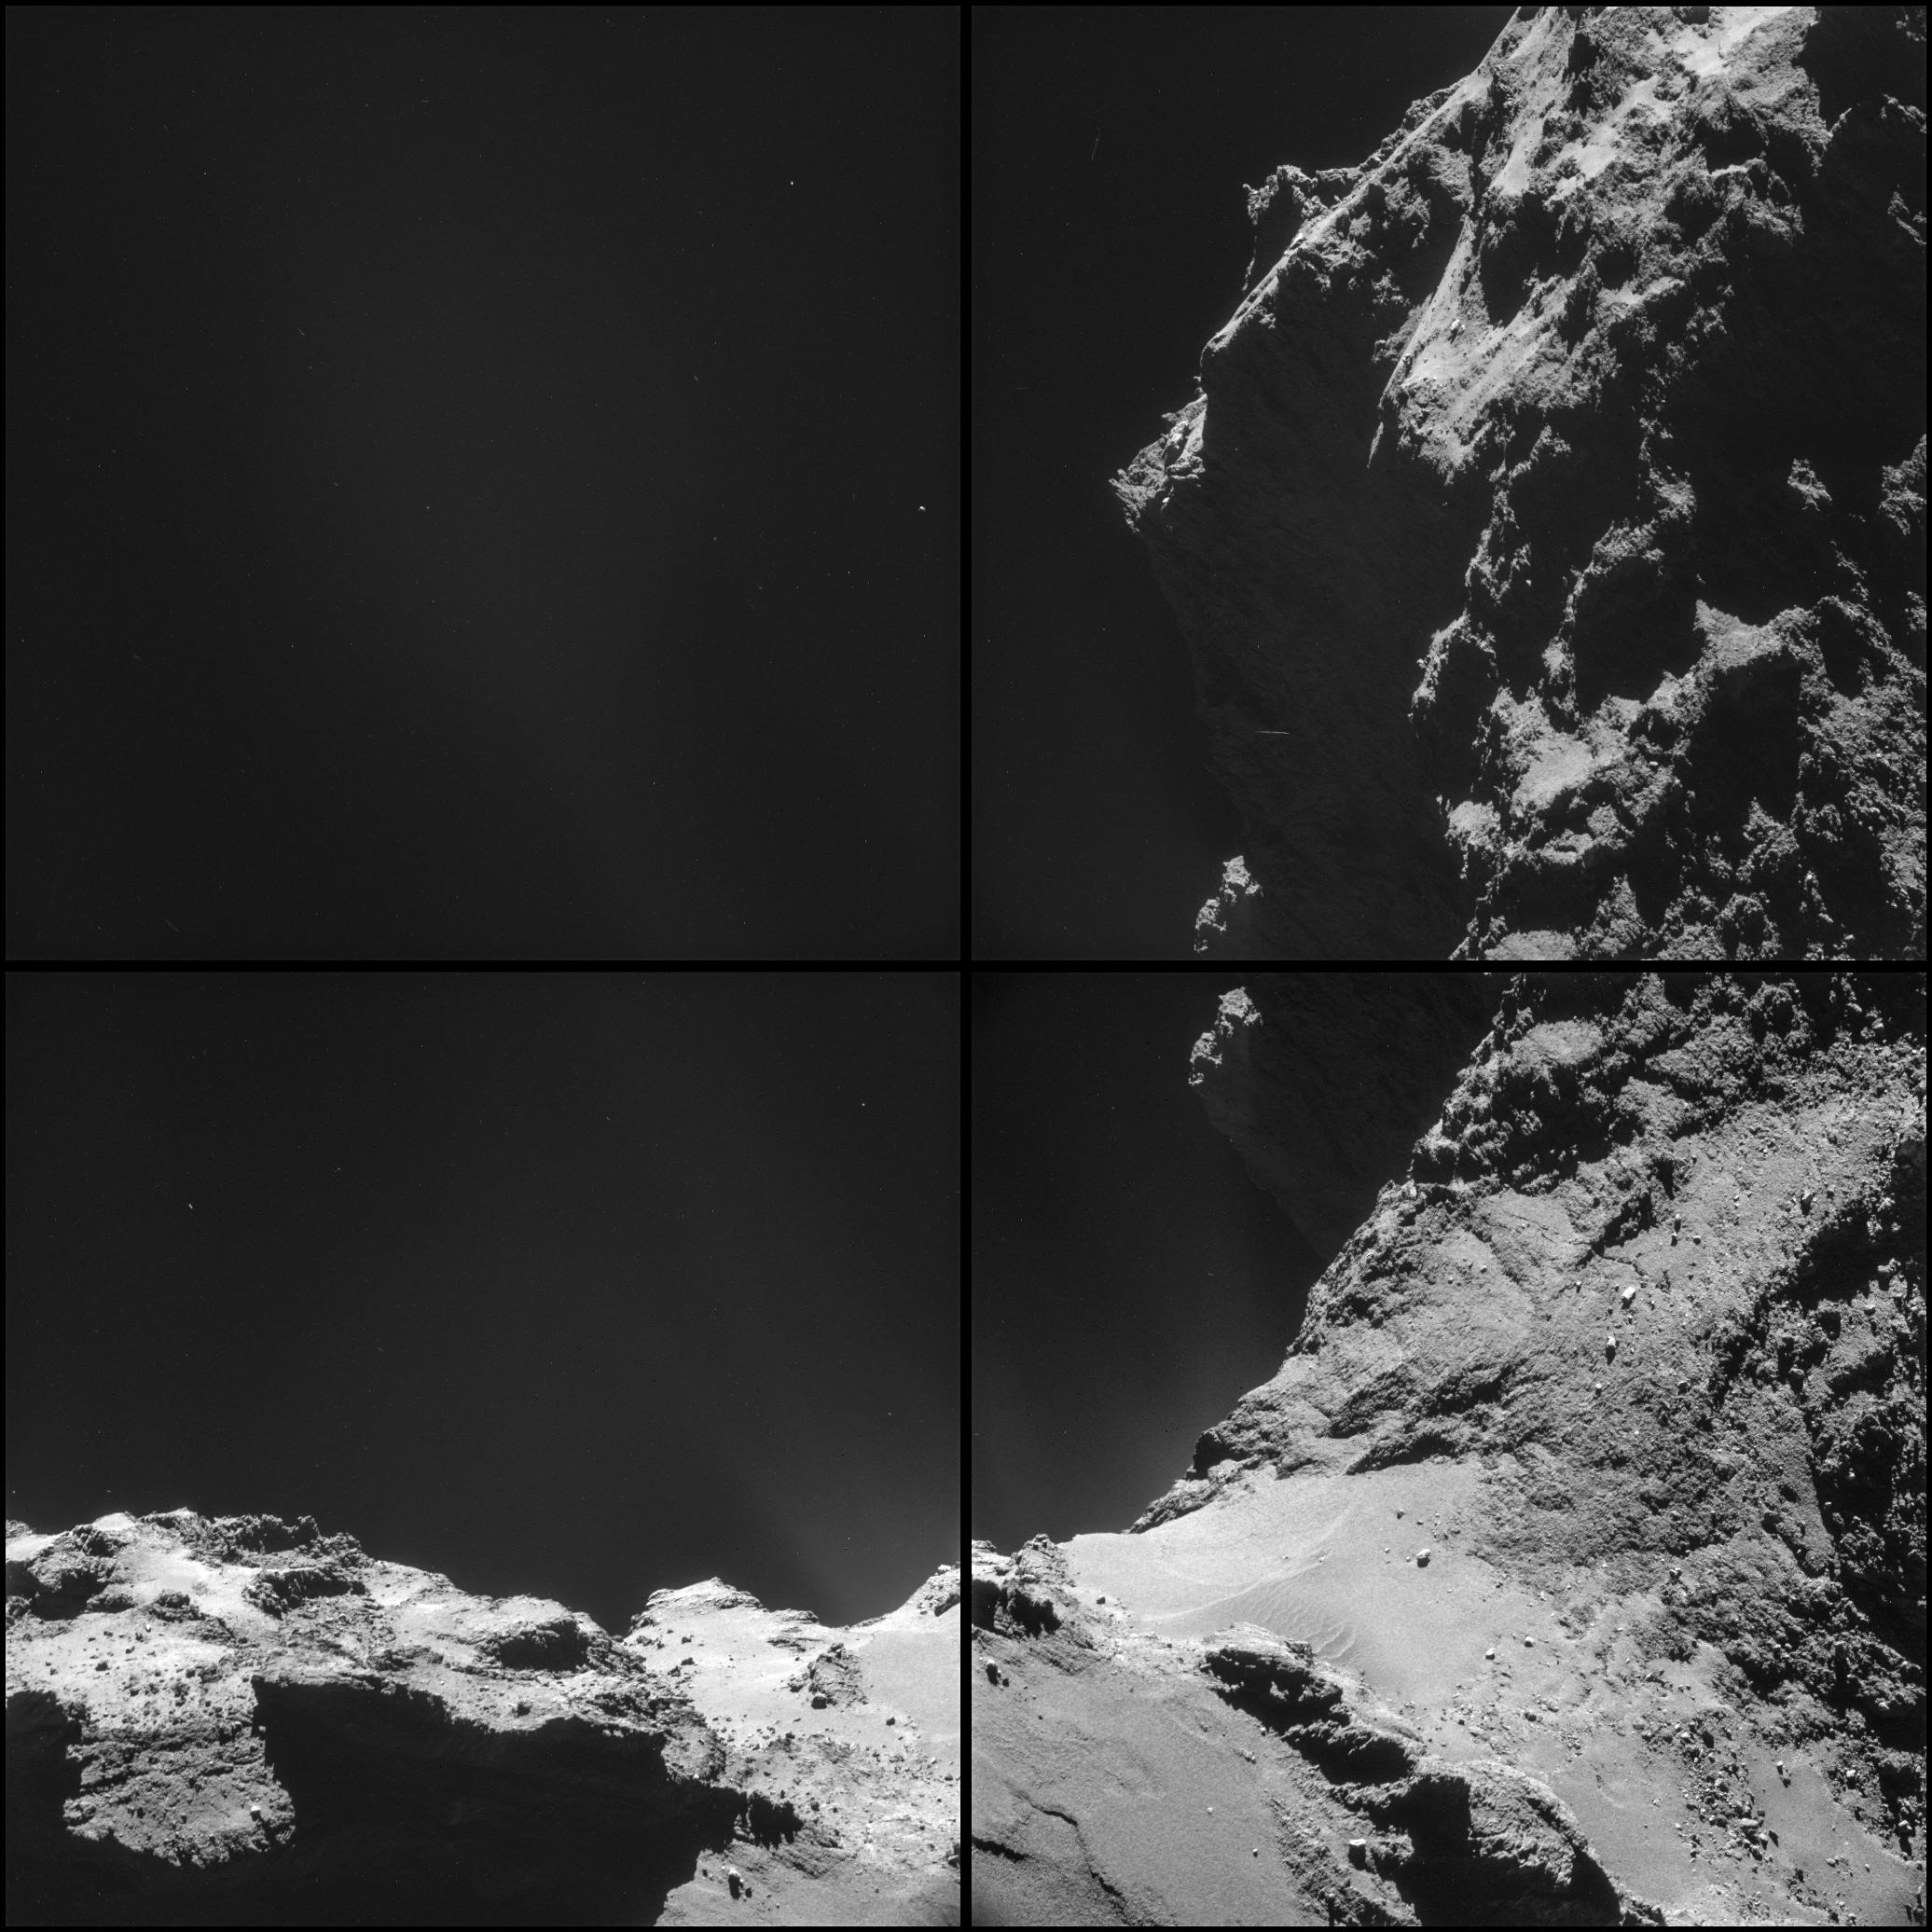 Comet_on_18_October_NavCam.jpg